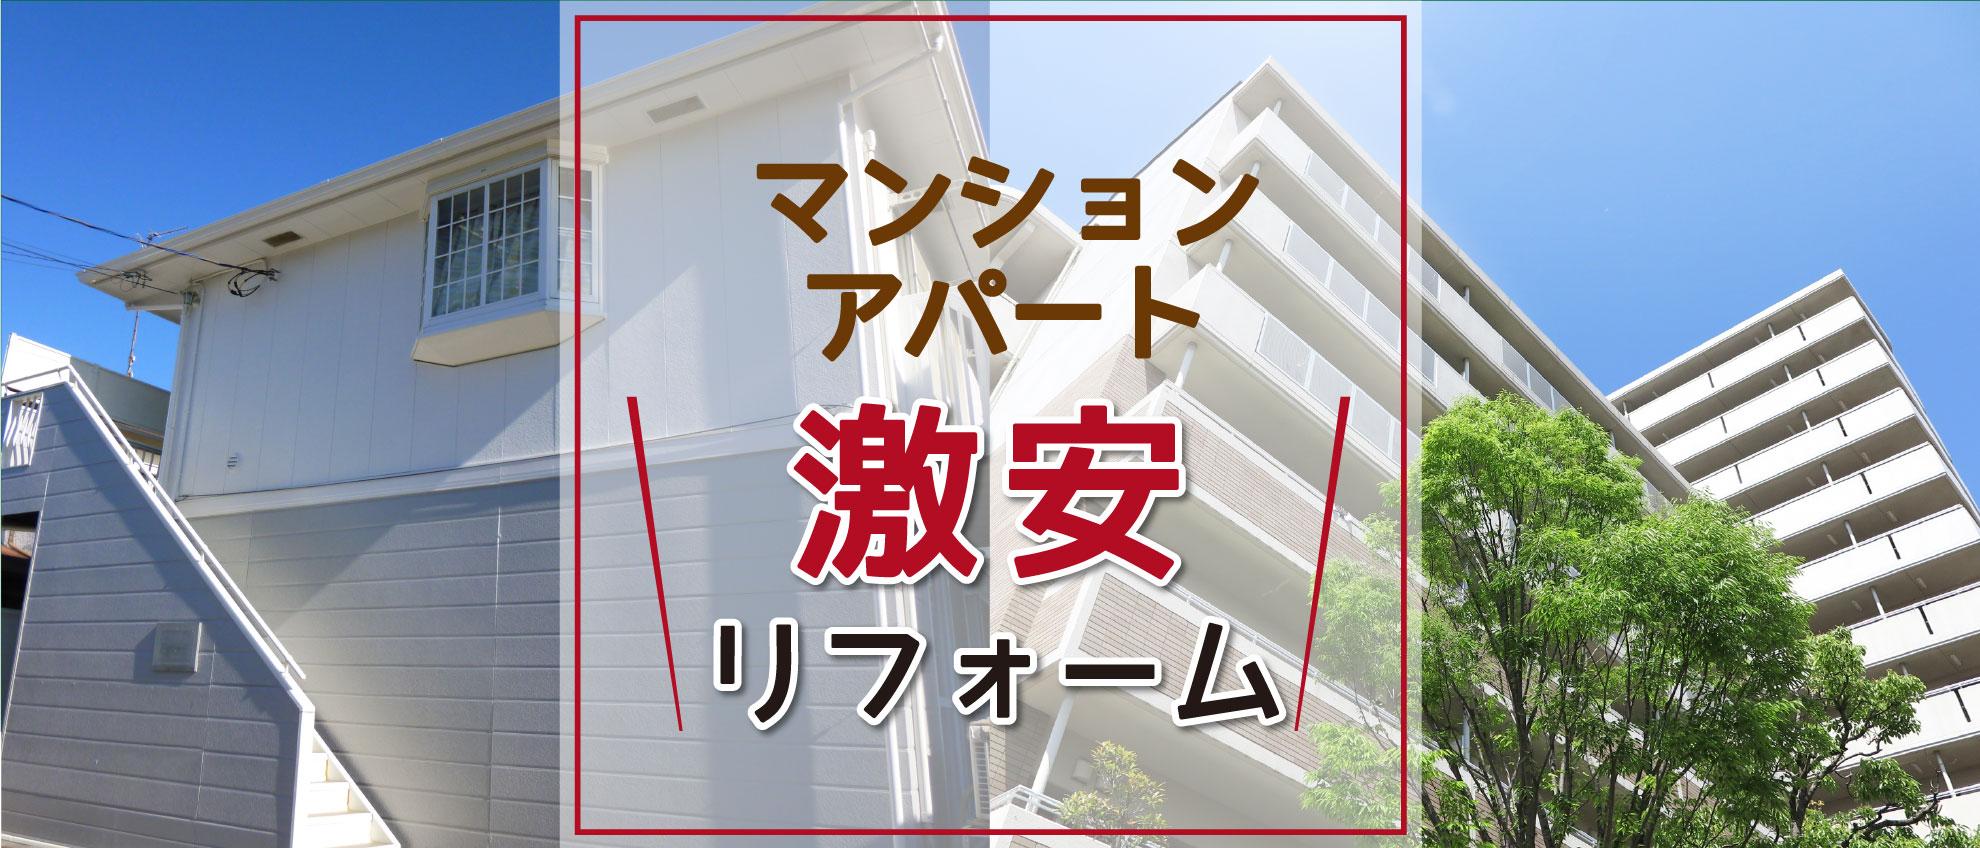 アパート・マンション激安リフォーム